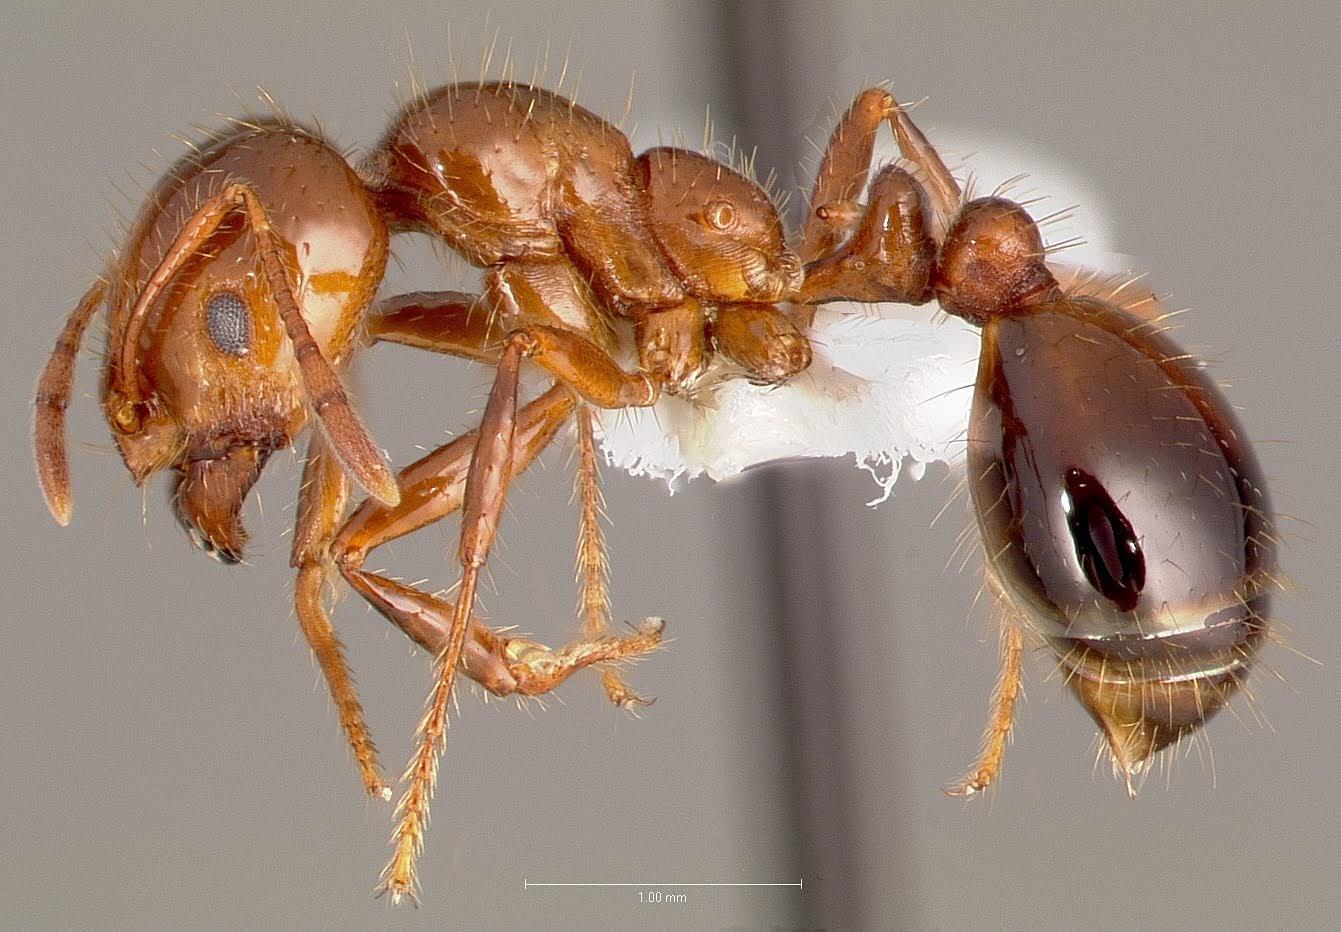 ヒアリの働きアリの標本